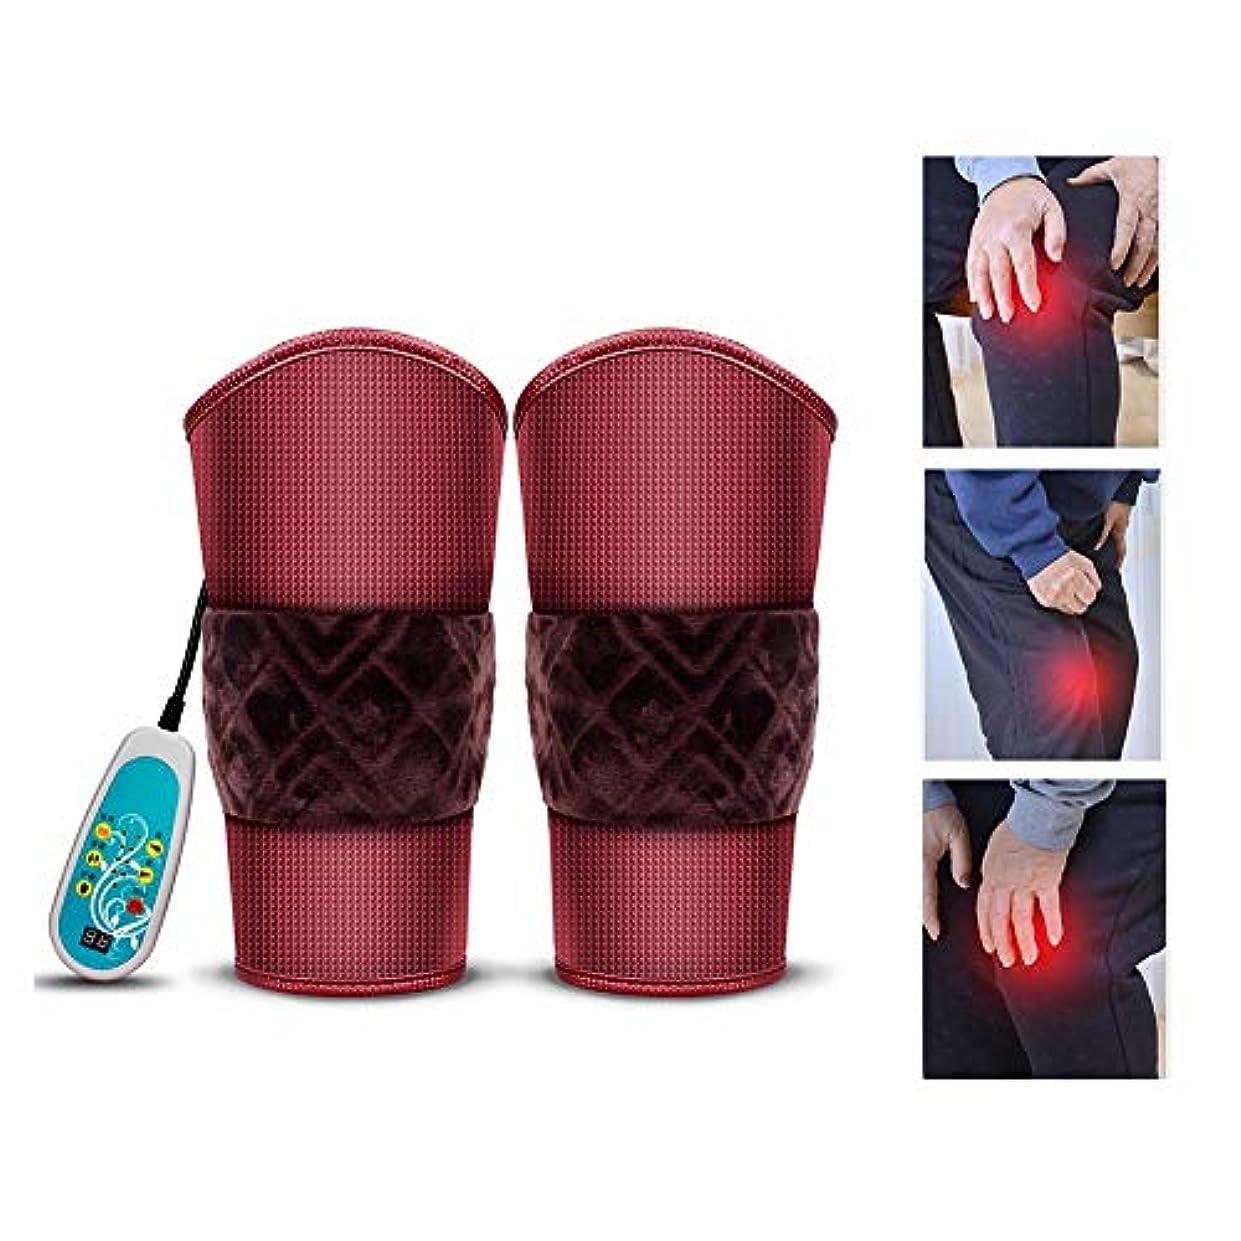 常に和湿った加熱膝ブレースサポート - 膝ウォームラップヒーテッドパッド - 9マッサージモードと3ファイル温度のセラピーマッサージャー、膝の怪我、痛みの軽減